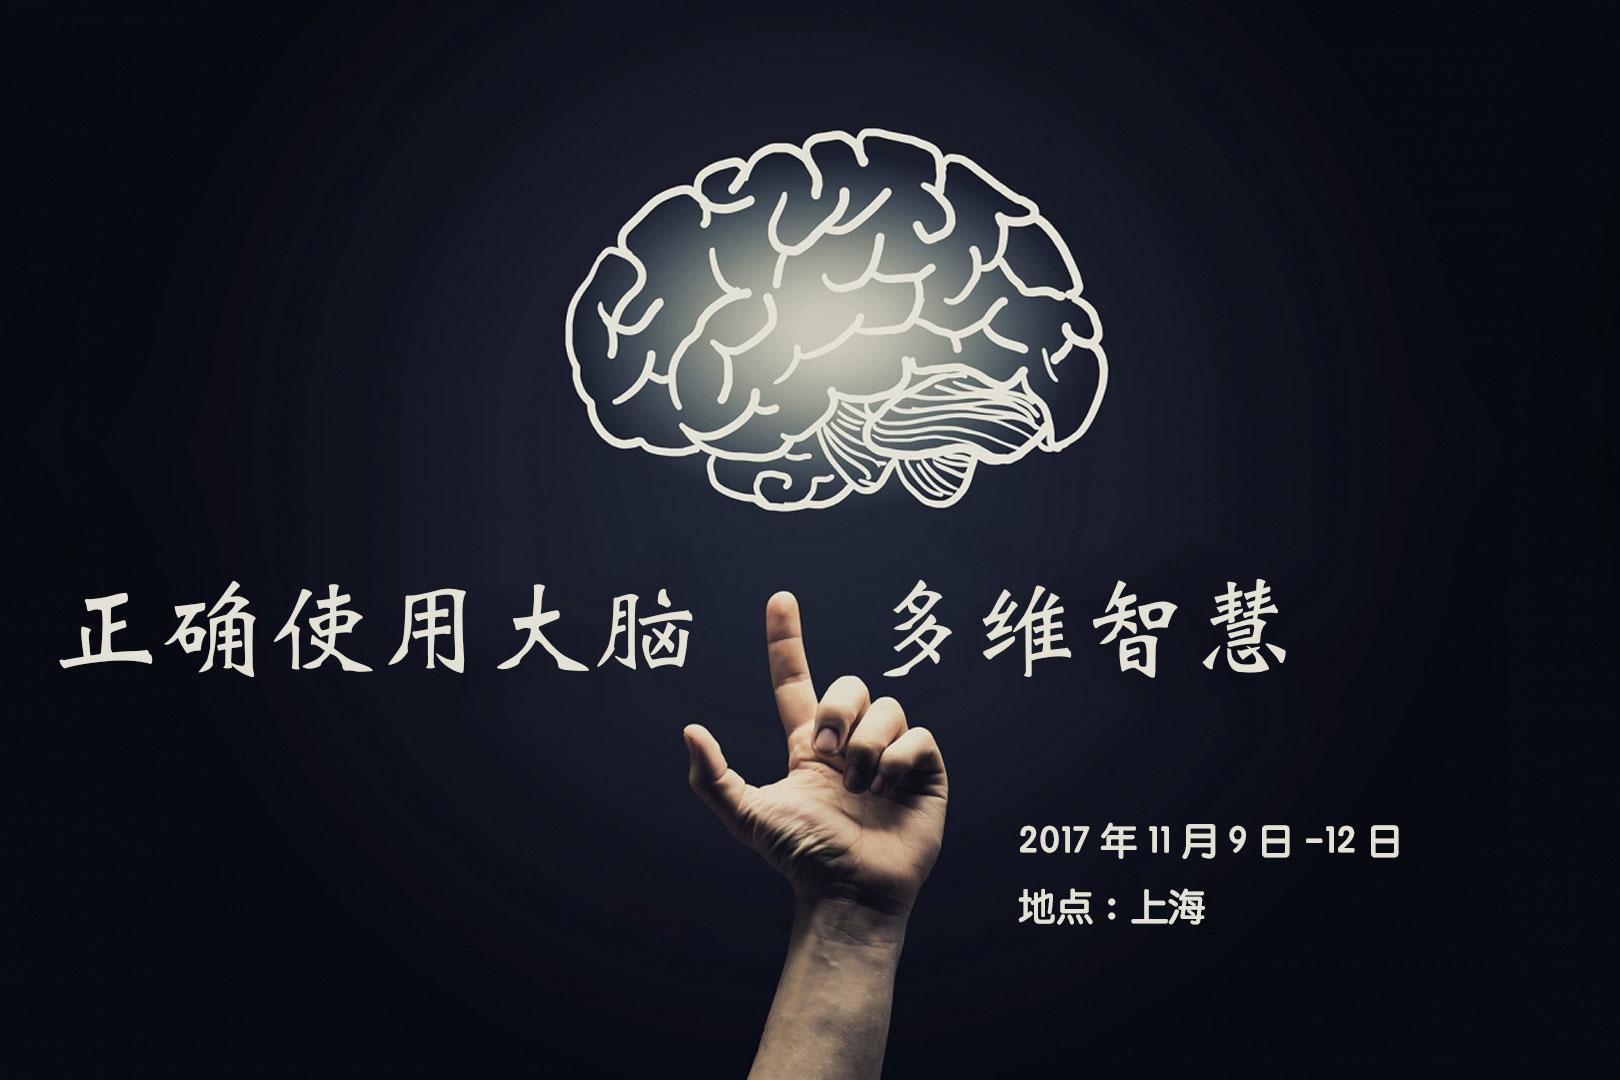 《正确使用大脑--多维智慧》开课通知